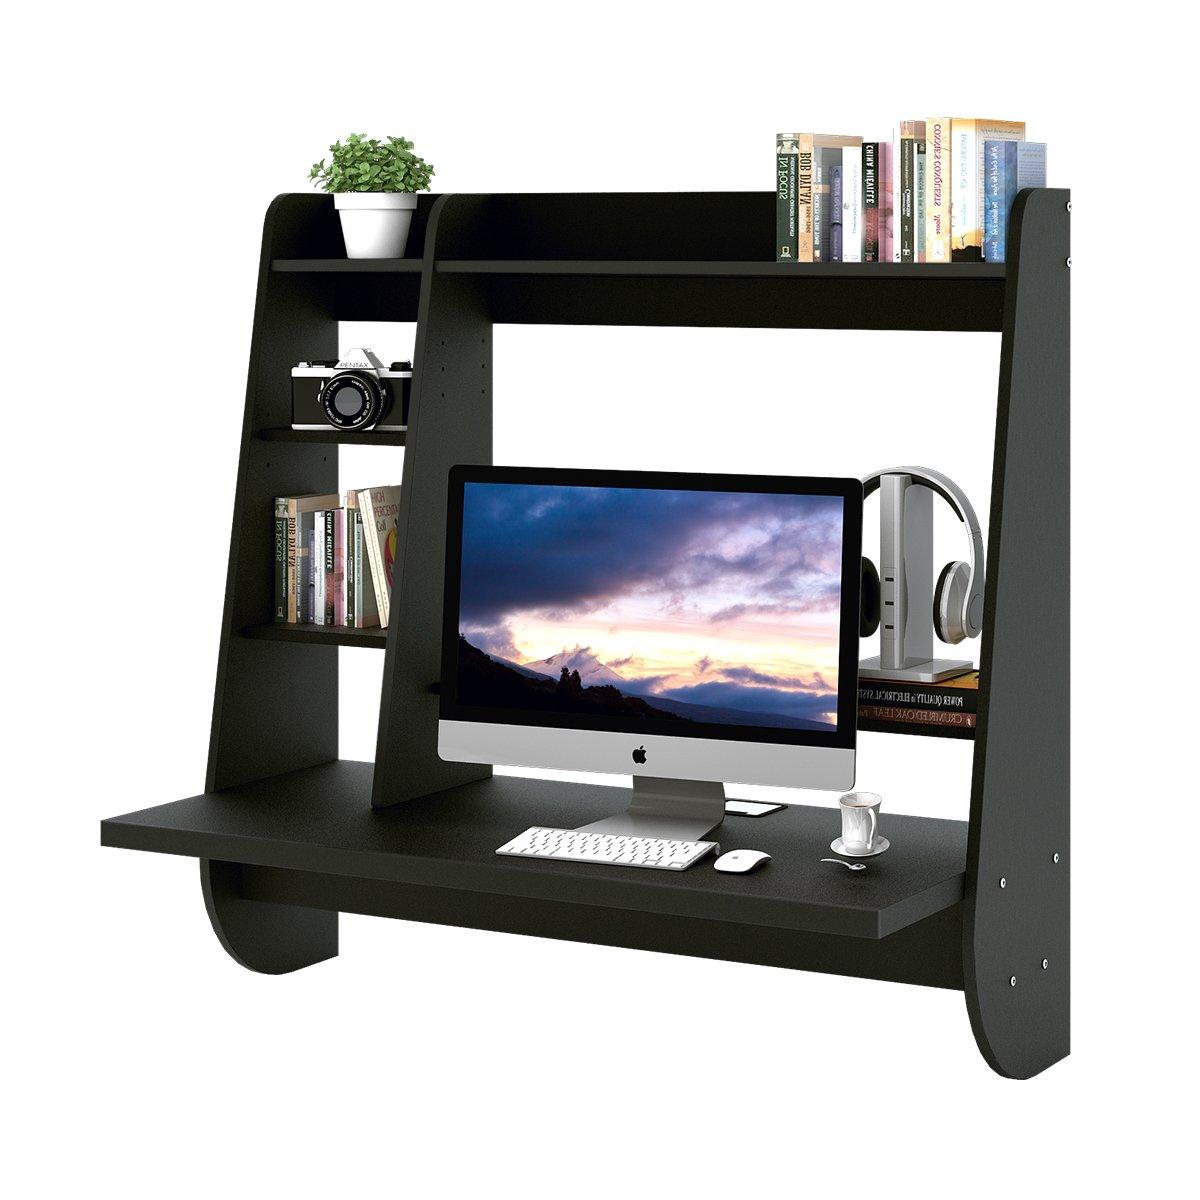 WLIVE Wall Mounted Floating Desk Storage (Black)